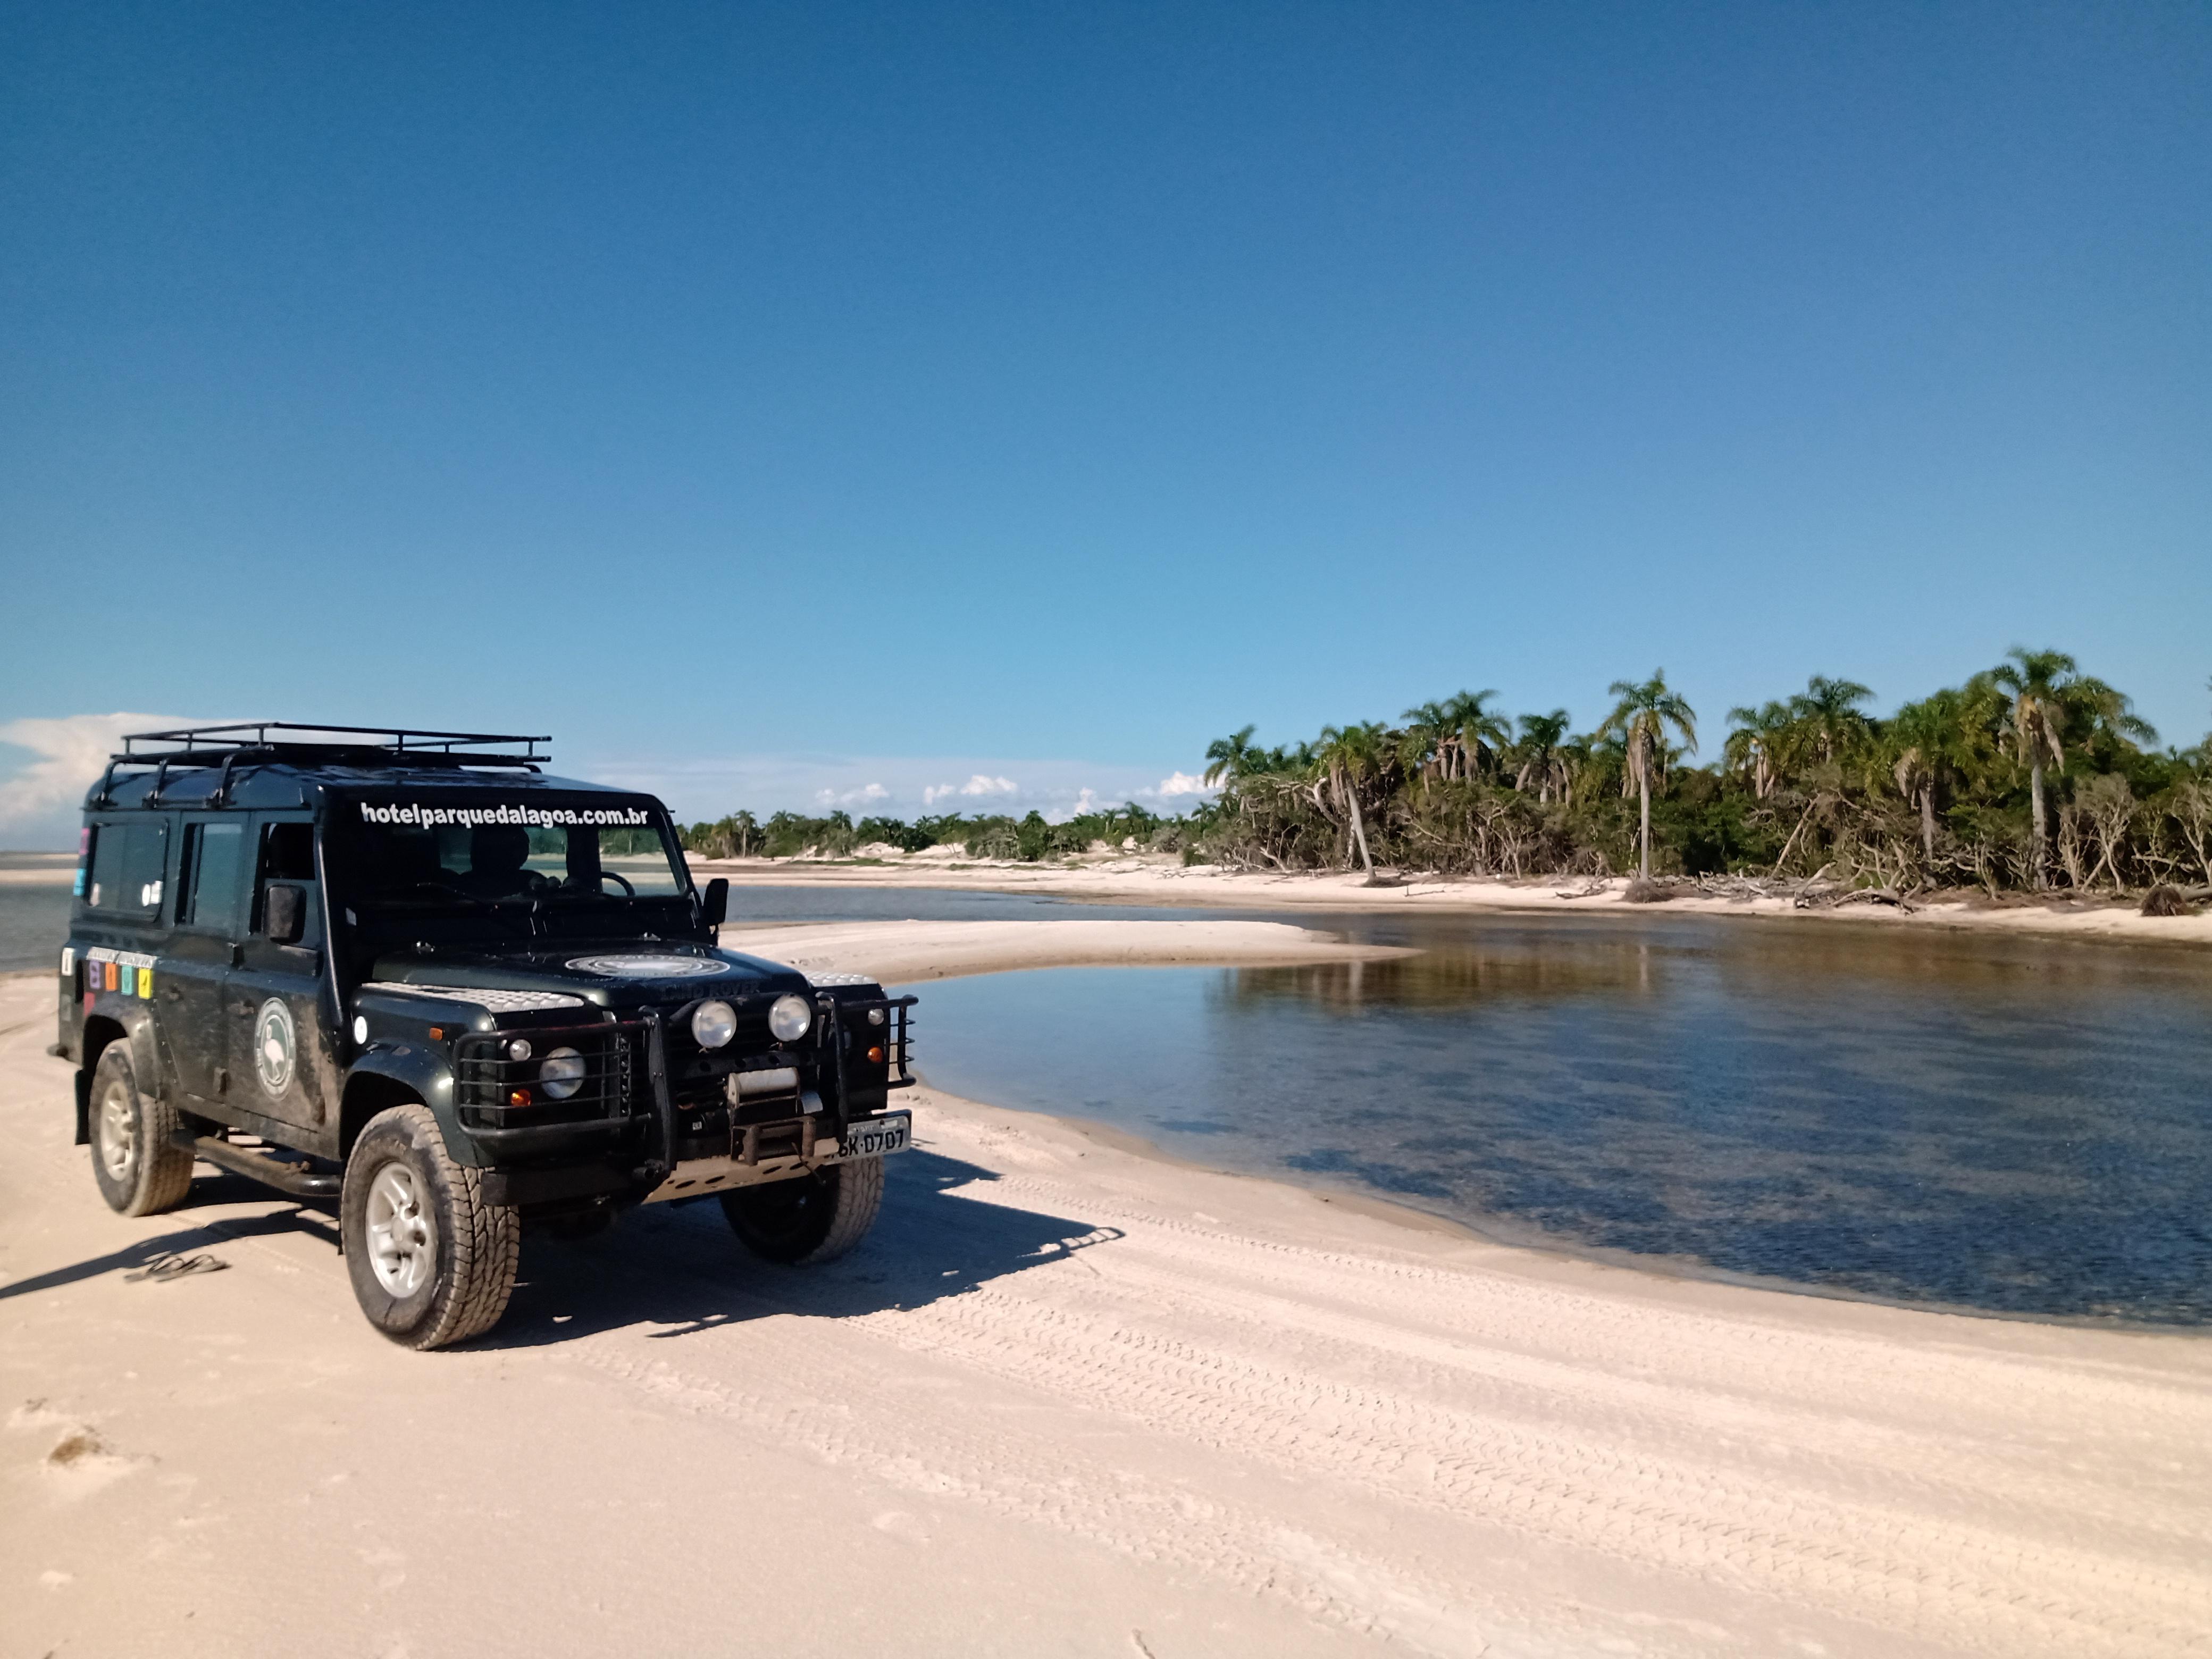 veículo 4x4 estacionado em praia